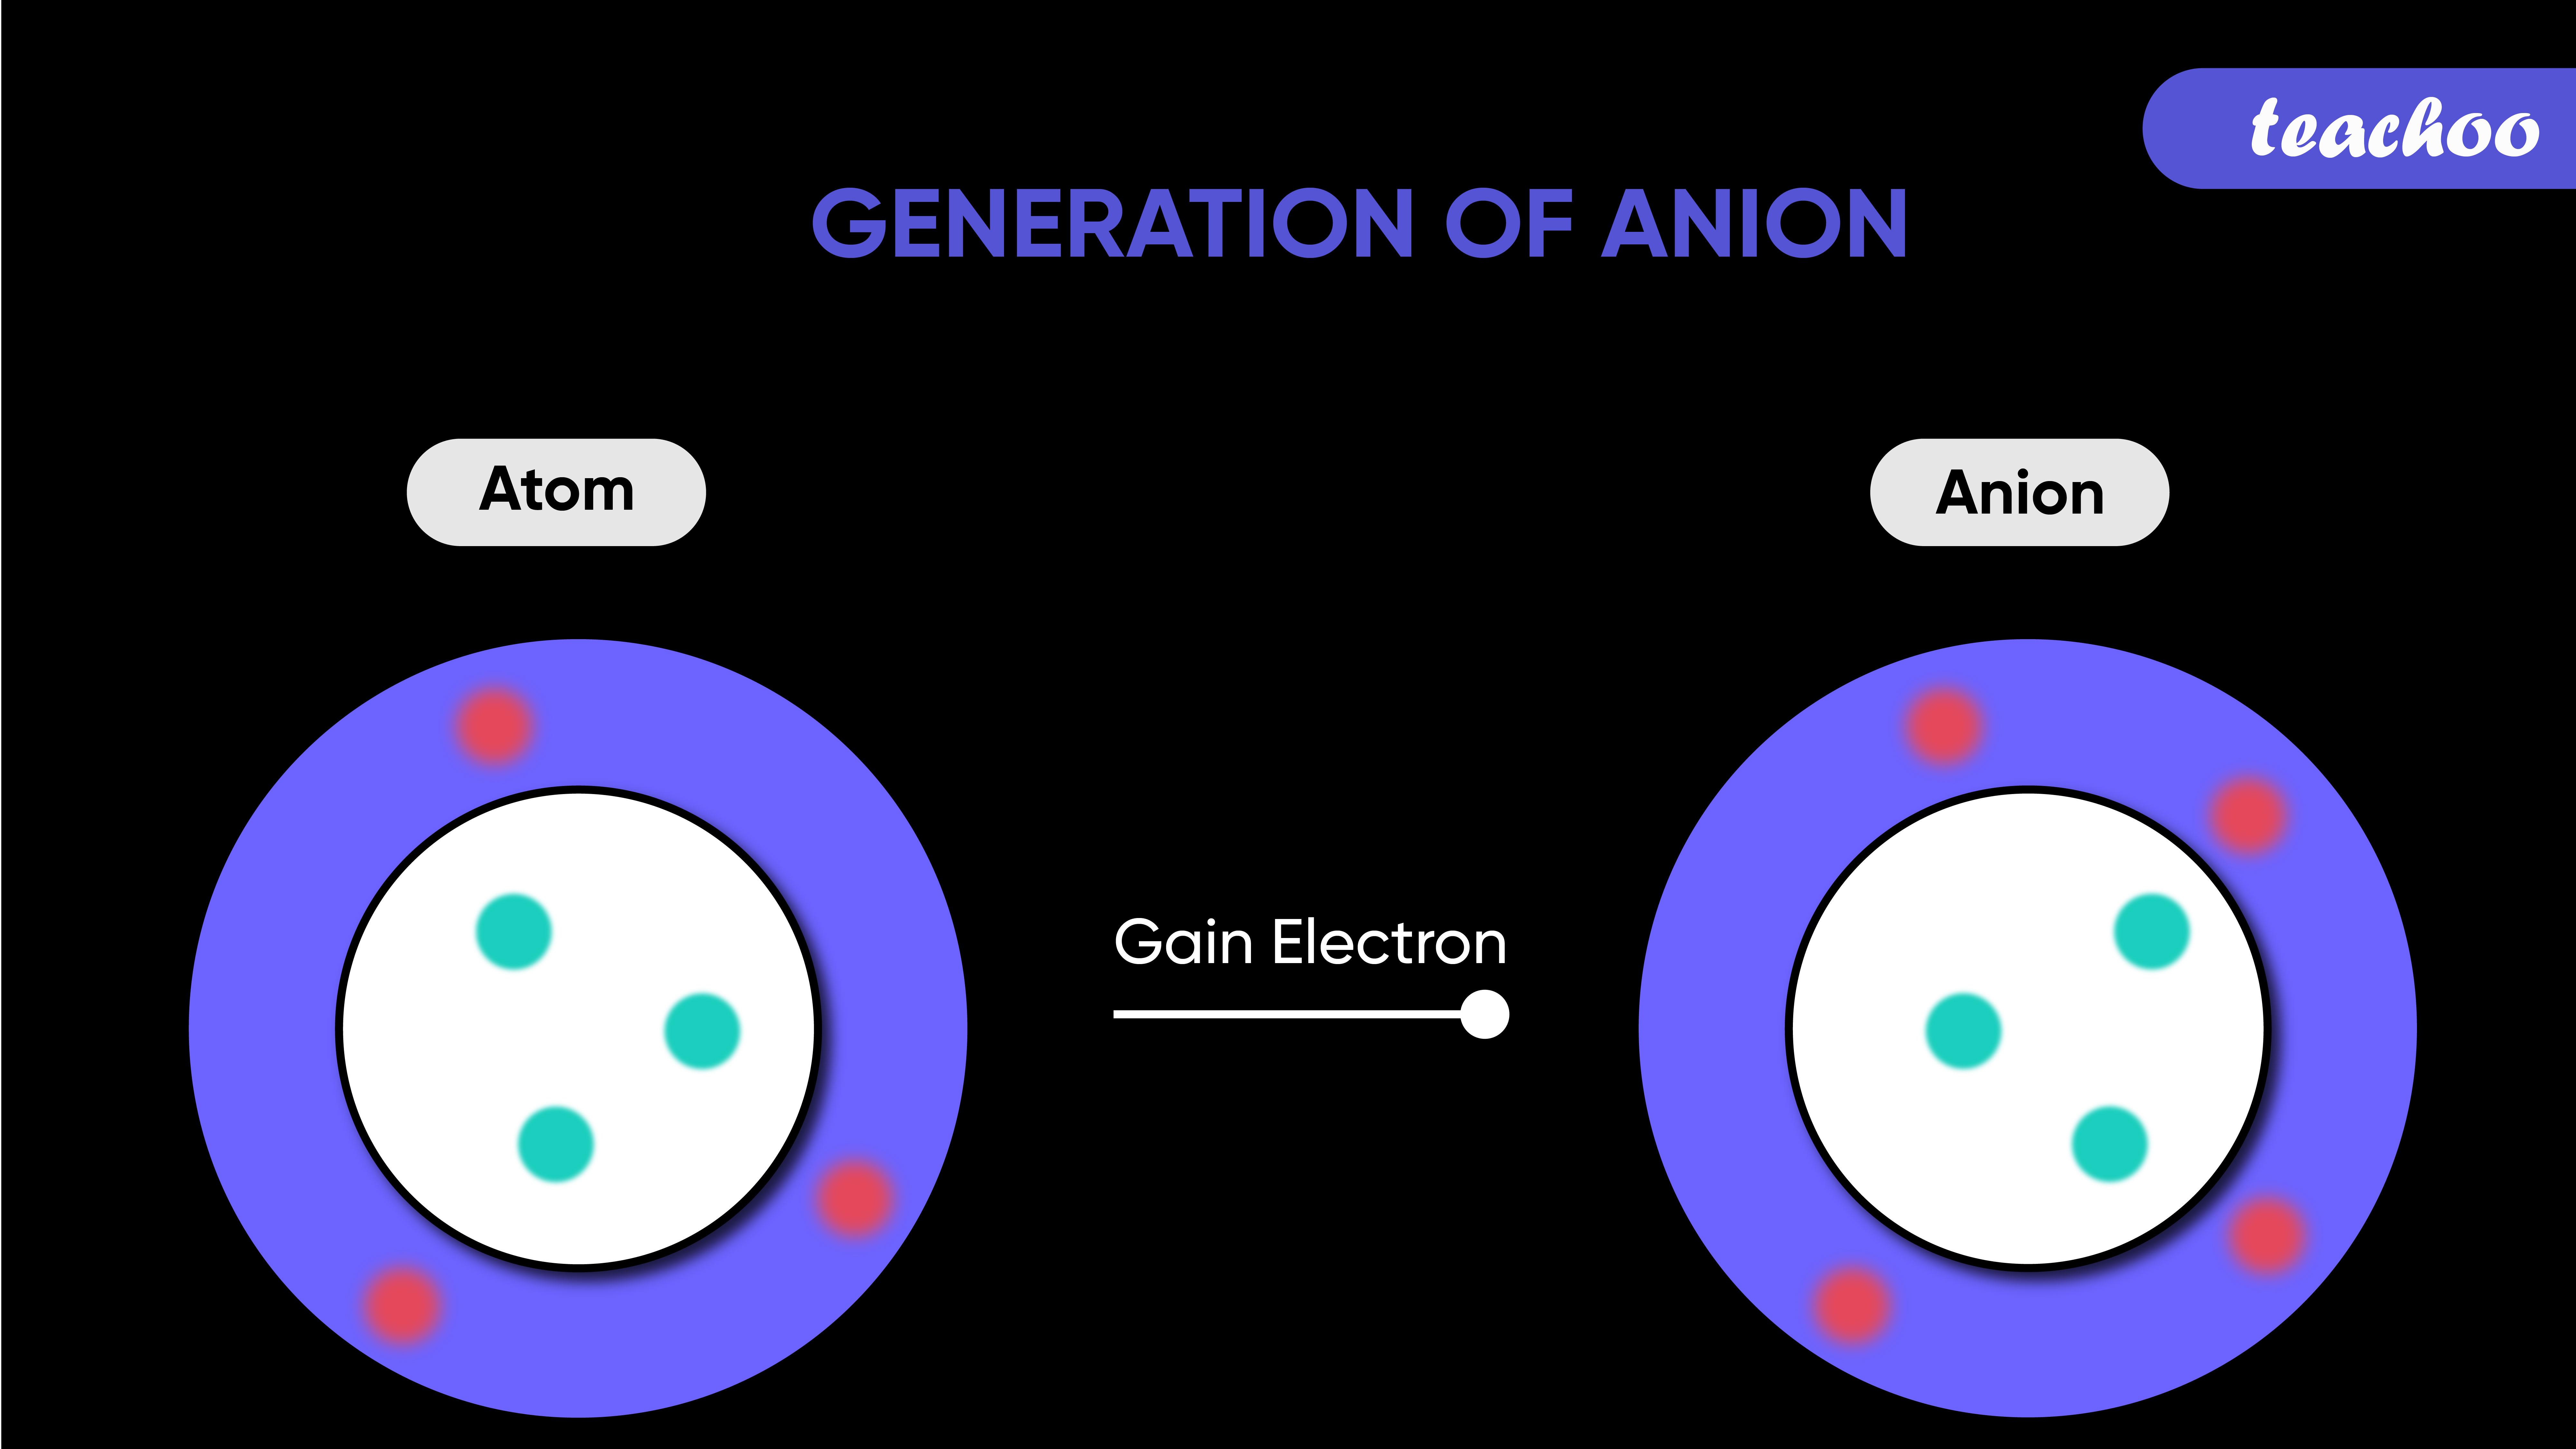 Generation of Anion-Teachoo-01.jpg